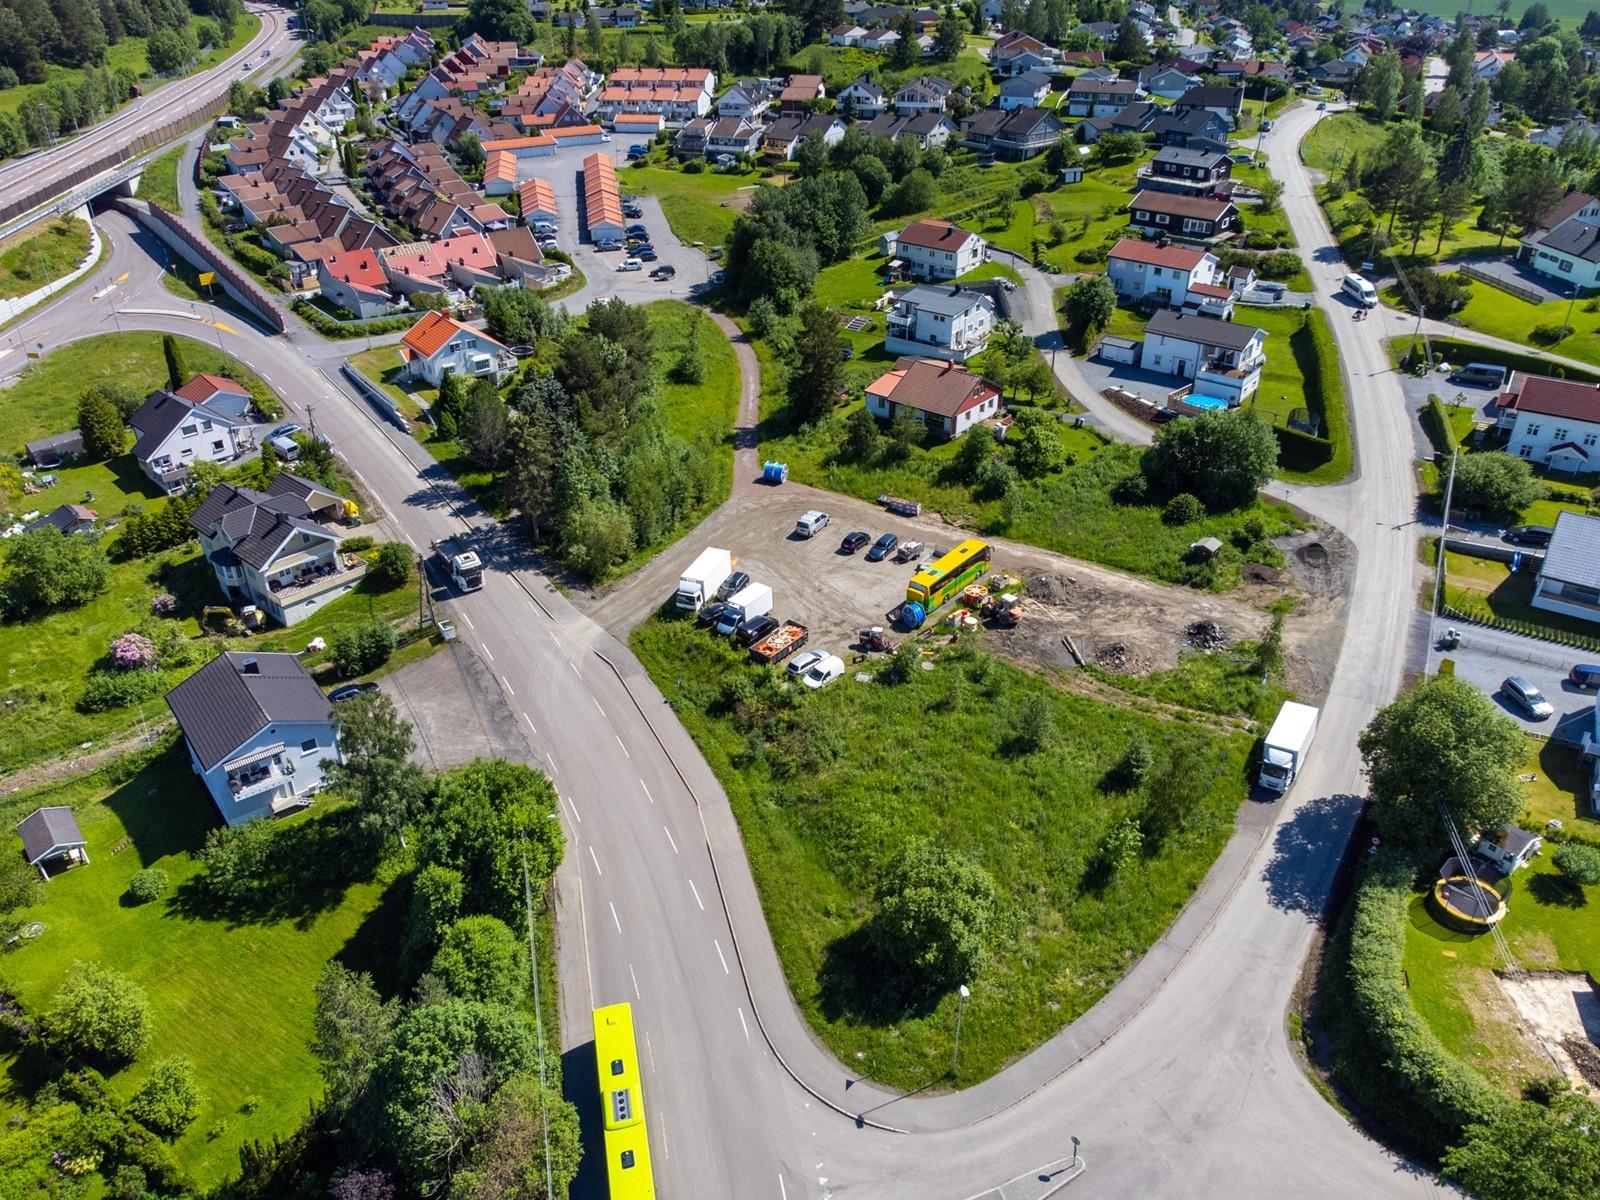 Tomten er beliggende i godt etablert boligområde bestående av både rekkehus og villabebyggelse